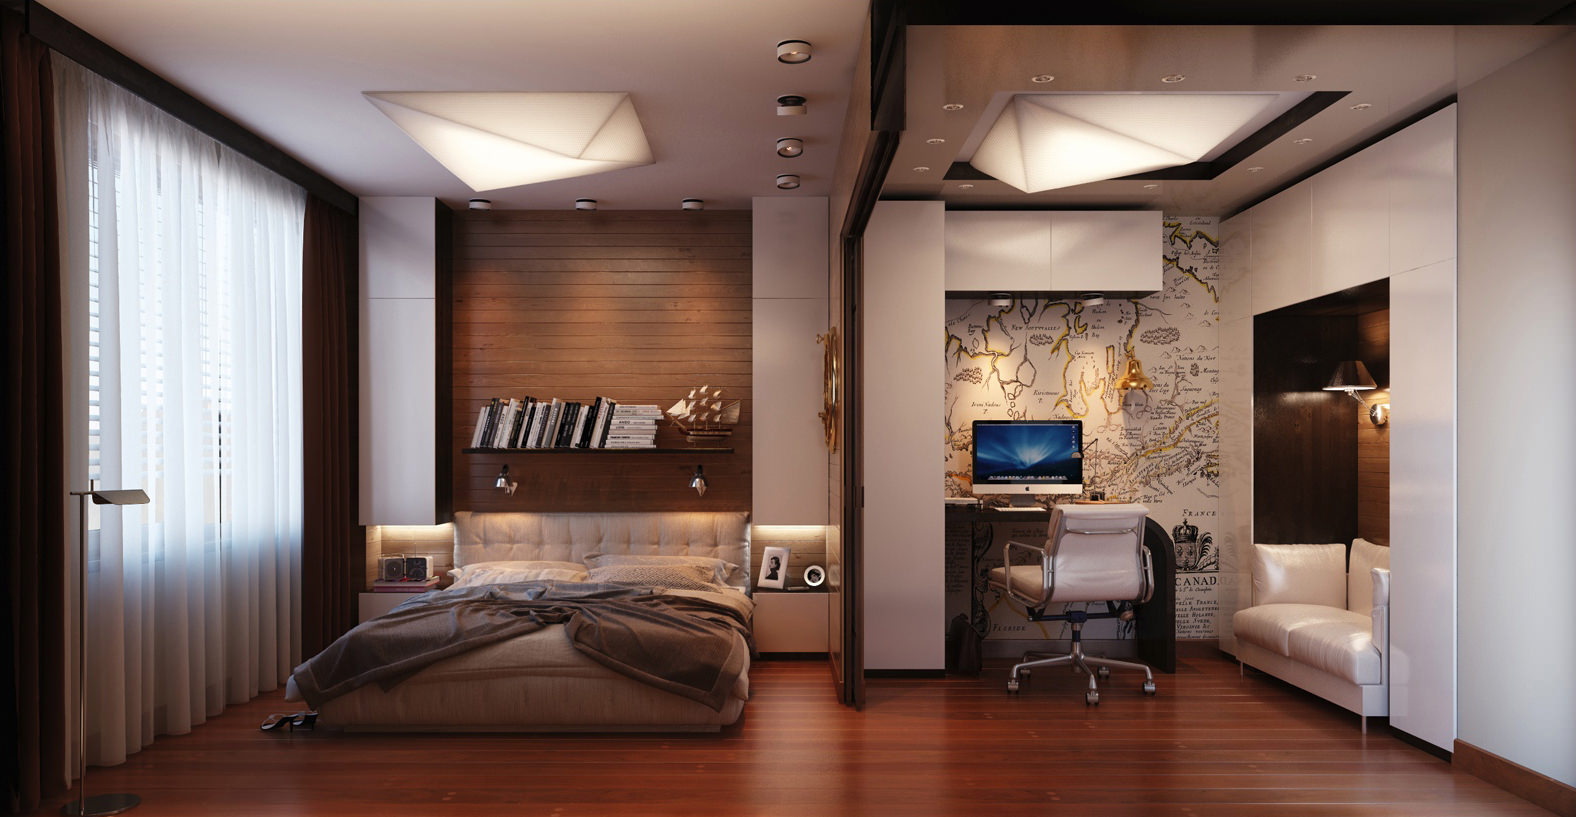 Дизайн спальни гостинной 21 метров